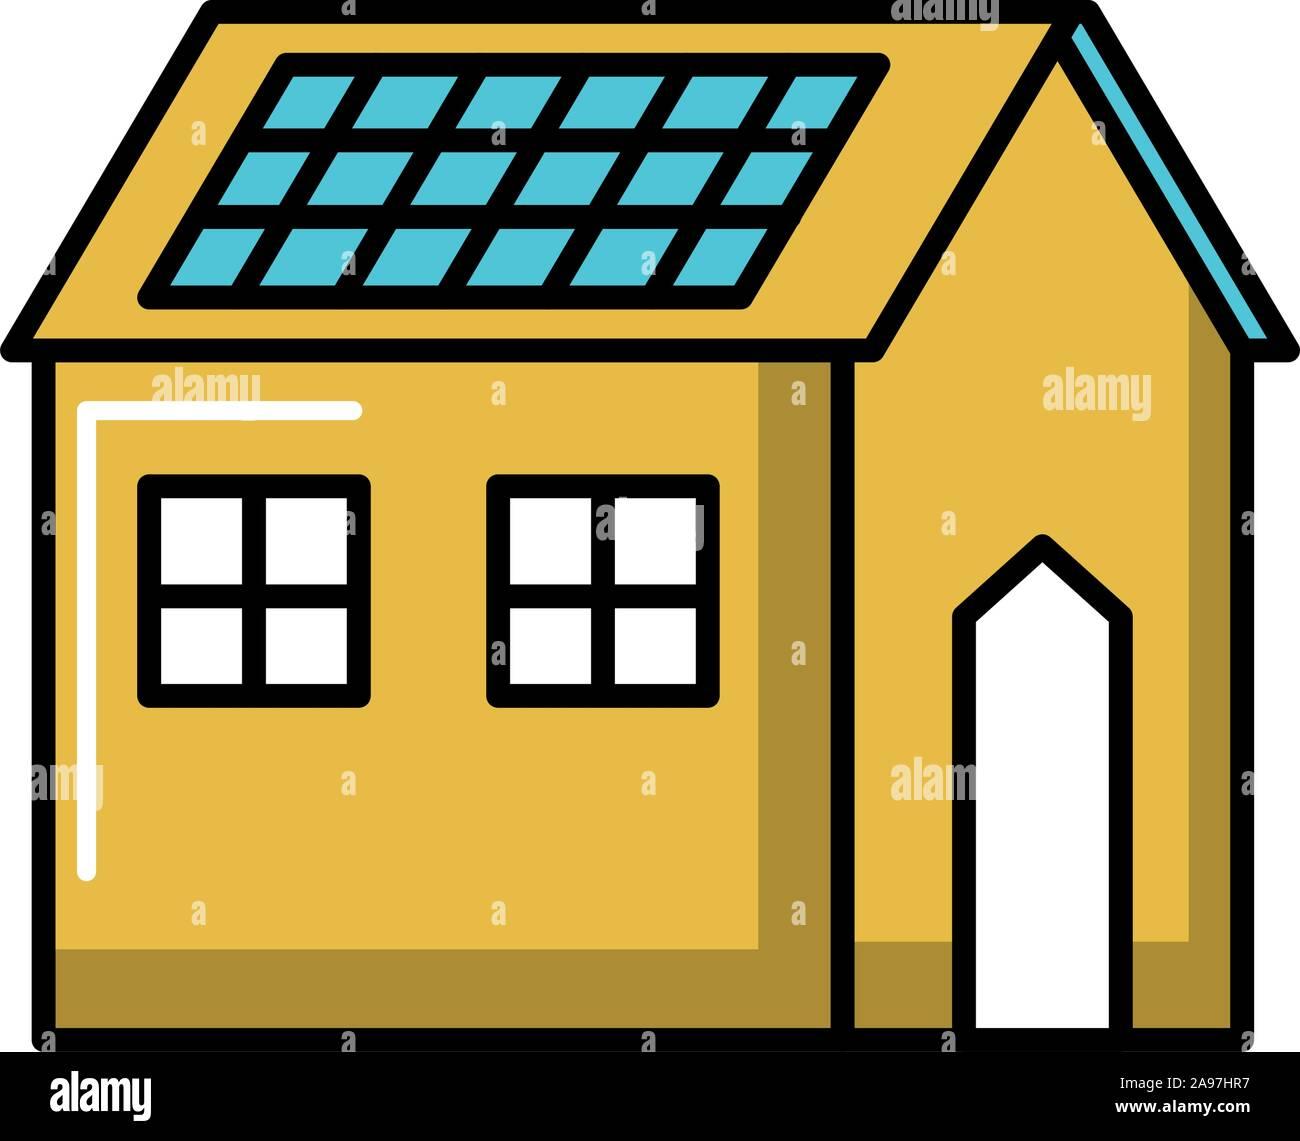 Sparen Geld In Ein Sparschwein Ein Haus Zu Kaufen Stock-Illustration -  Getty Images